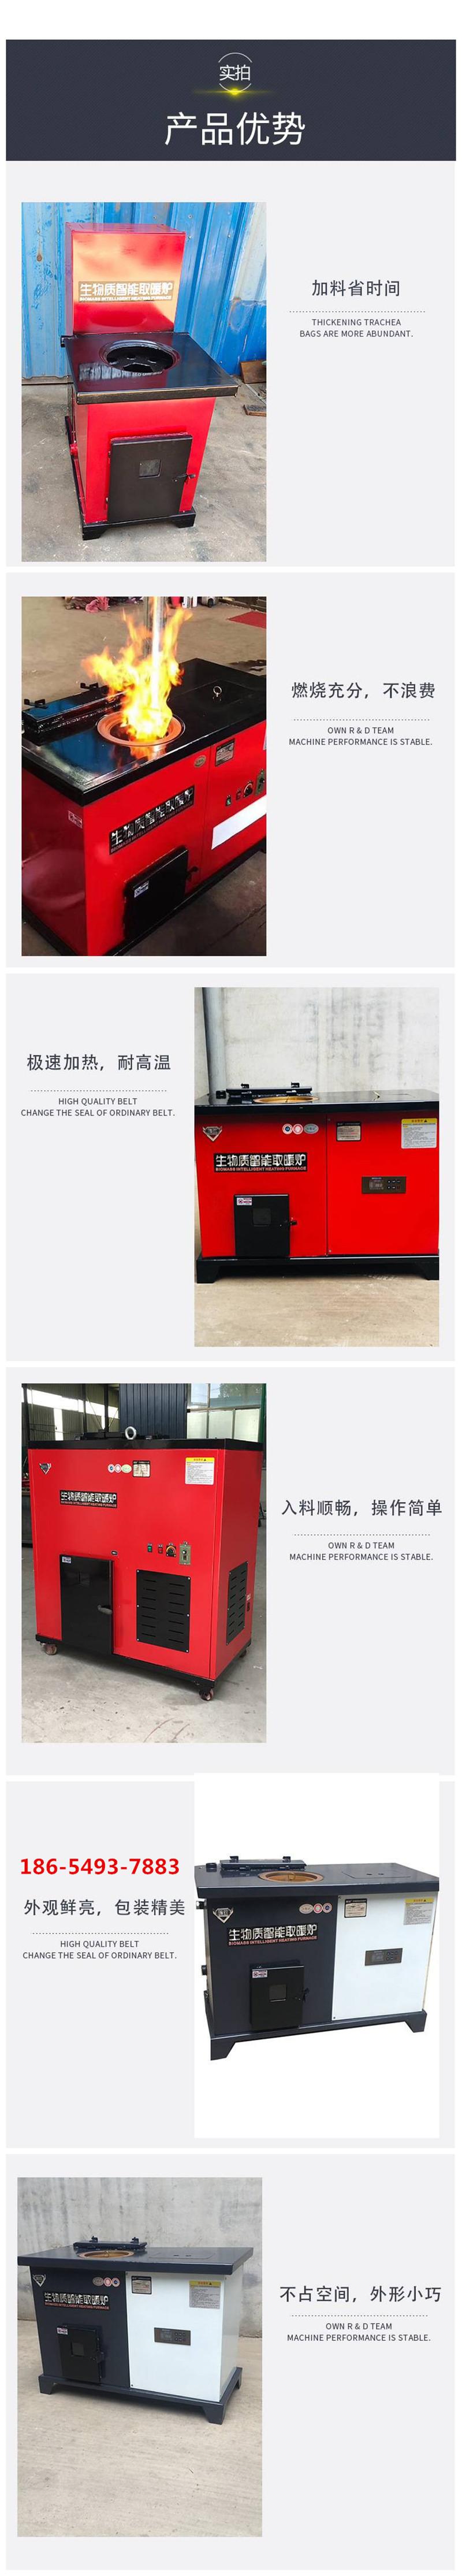 8-15片暖气片颗粒炉厂家 全自动智能水暖炉风暖炉122346332